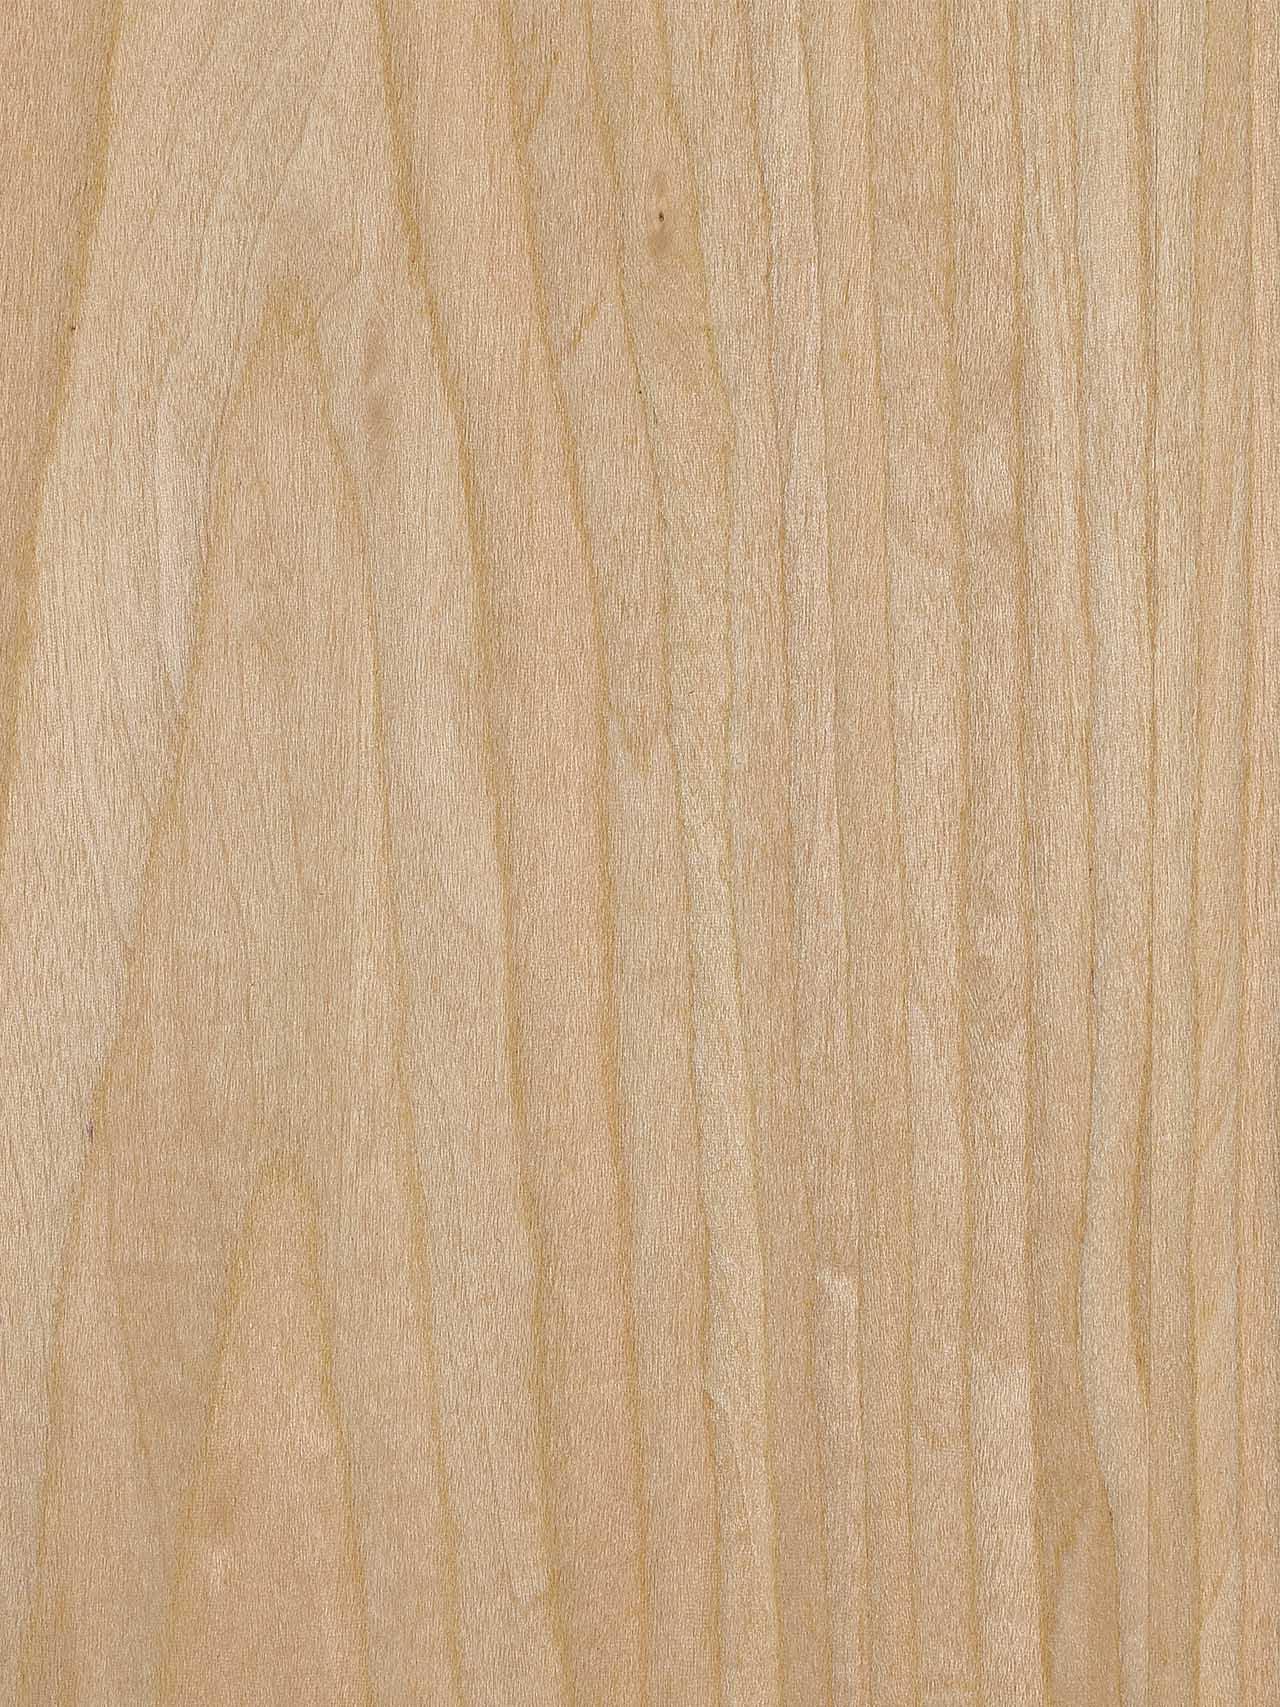 Panel Chapa Cerezo Prefabricado Rameado Losán